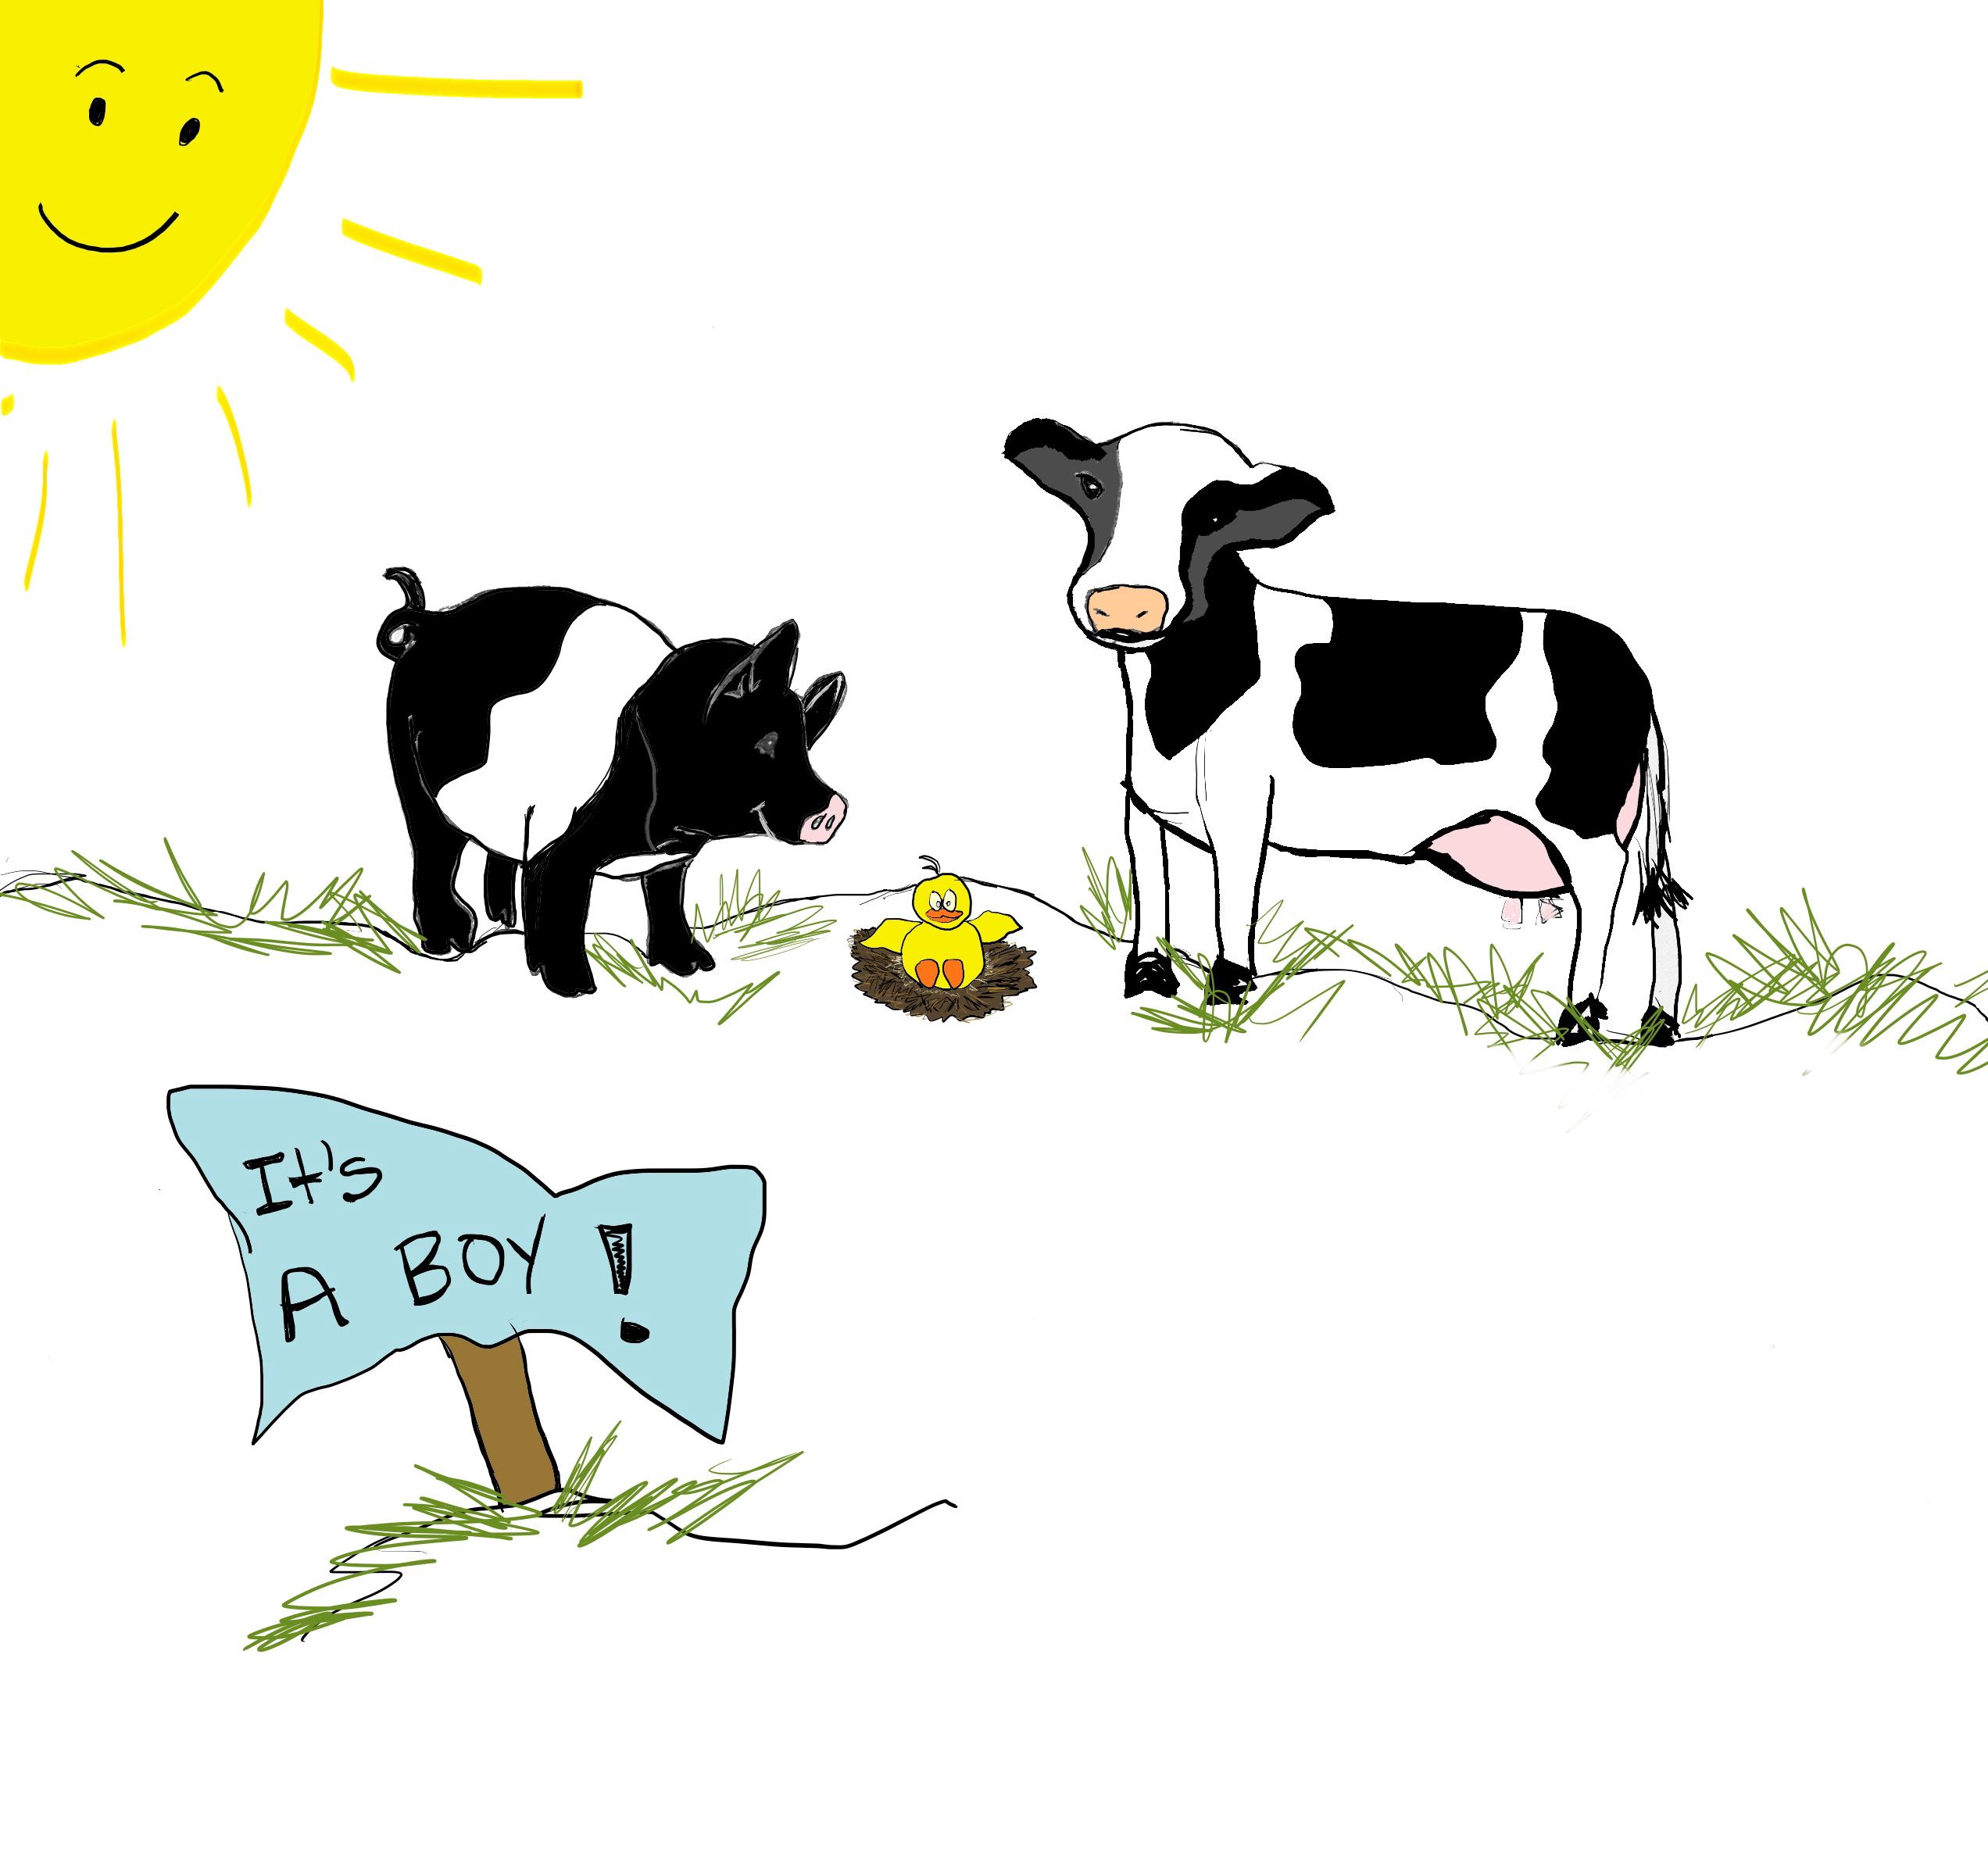 Drawn pig Drawn Cow I Love Boy! and cynthiabrast